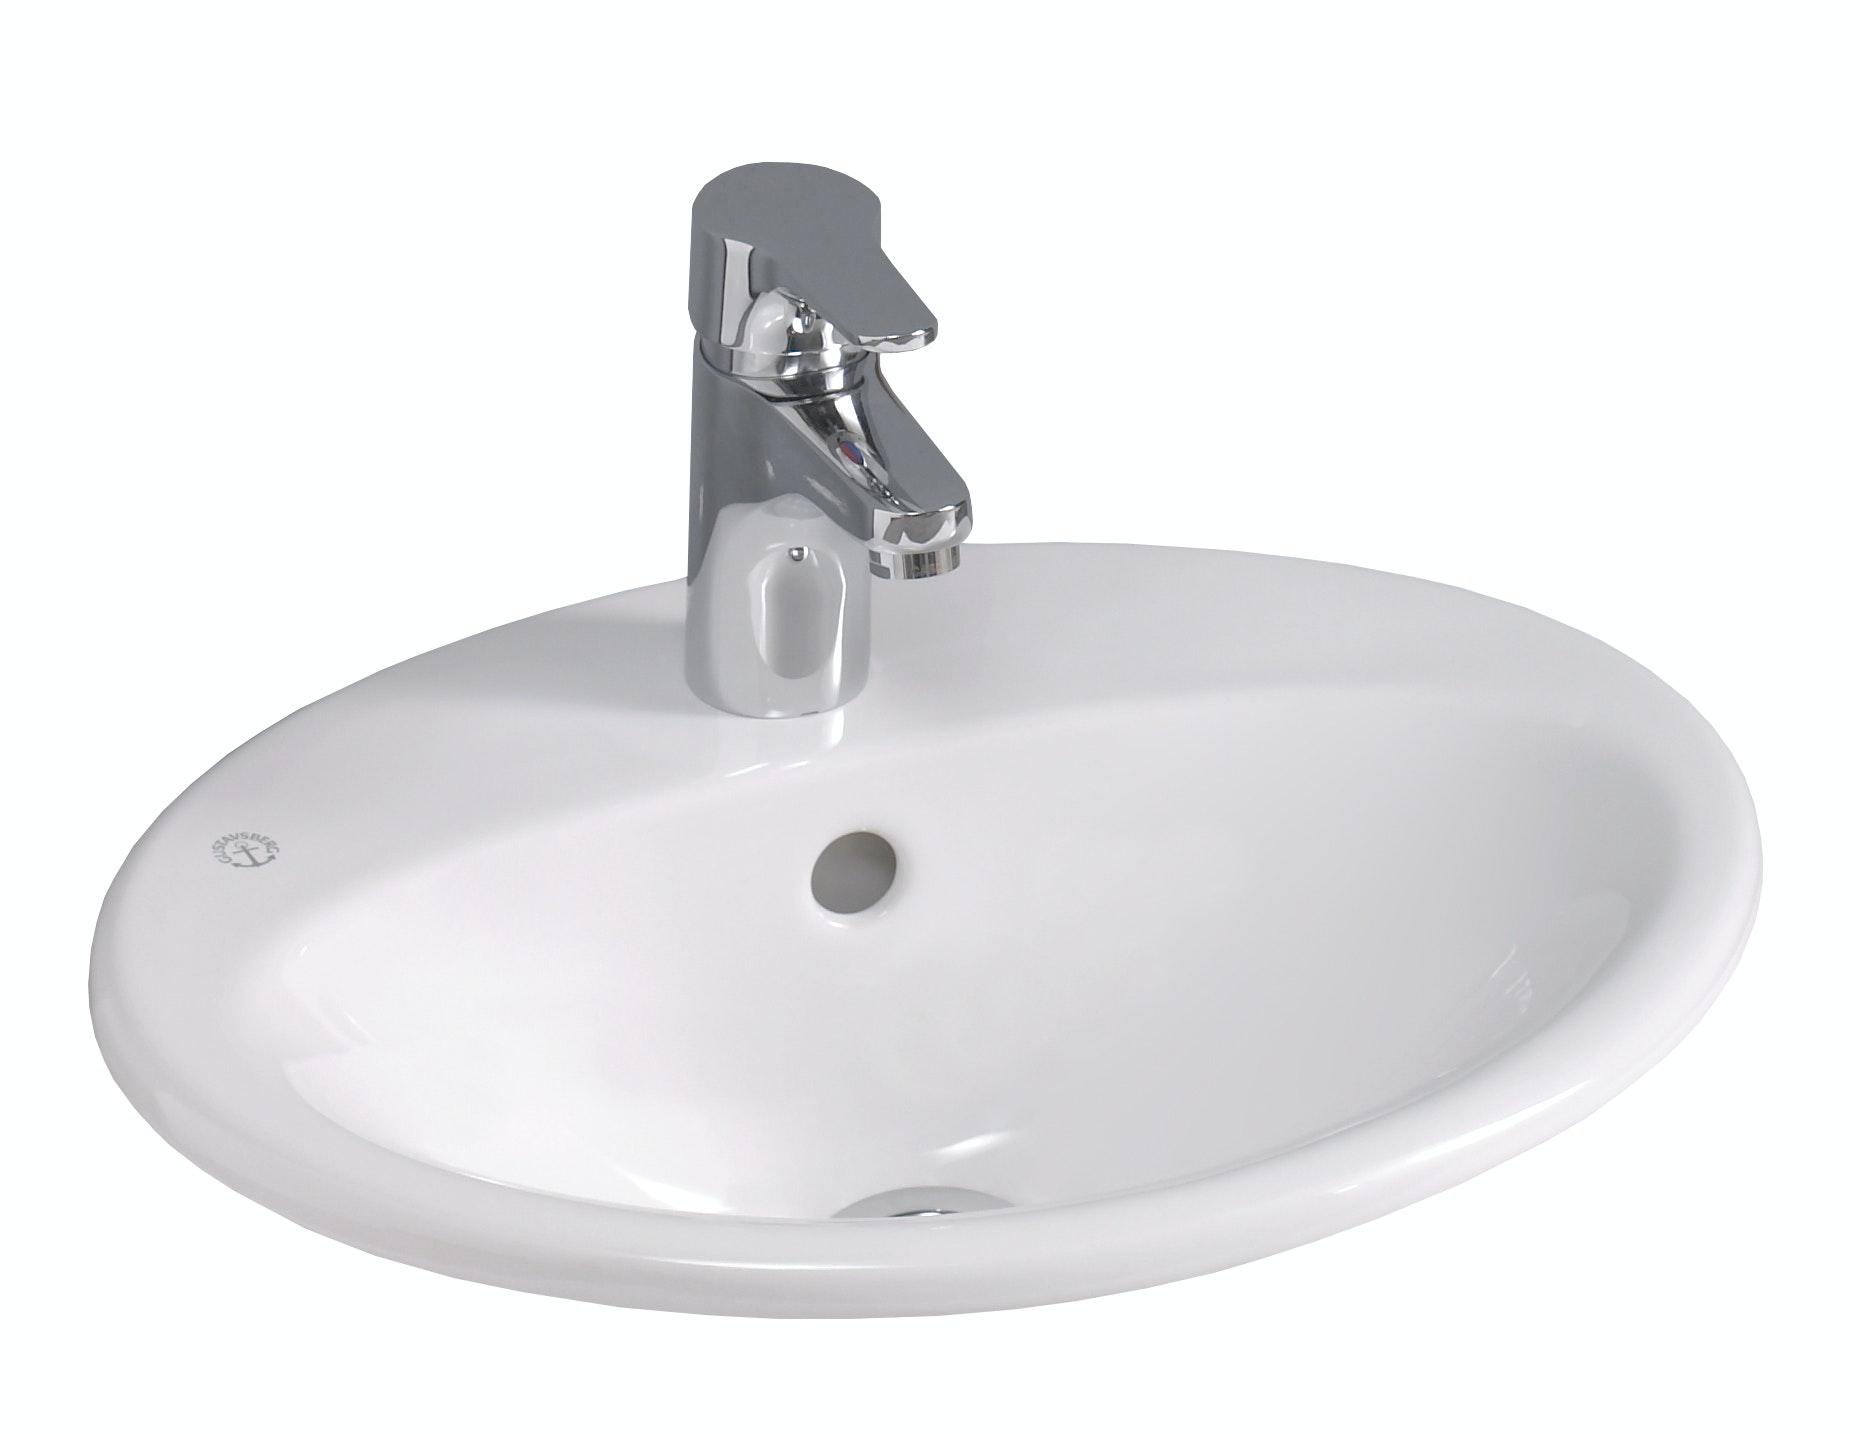 Tvättställ Gustavsberg 5545 Nautic Vit